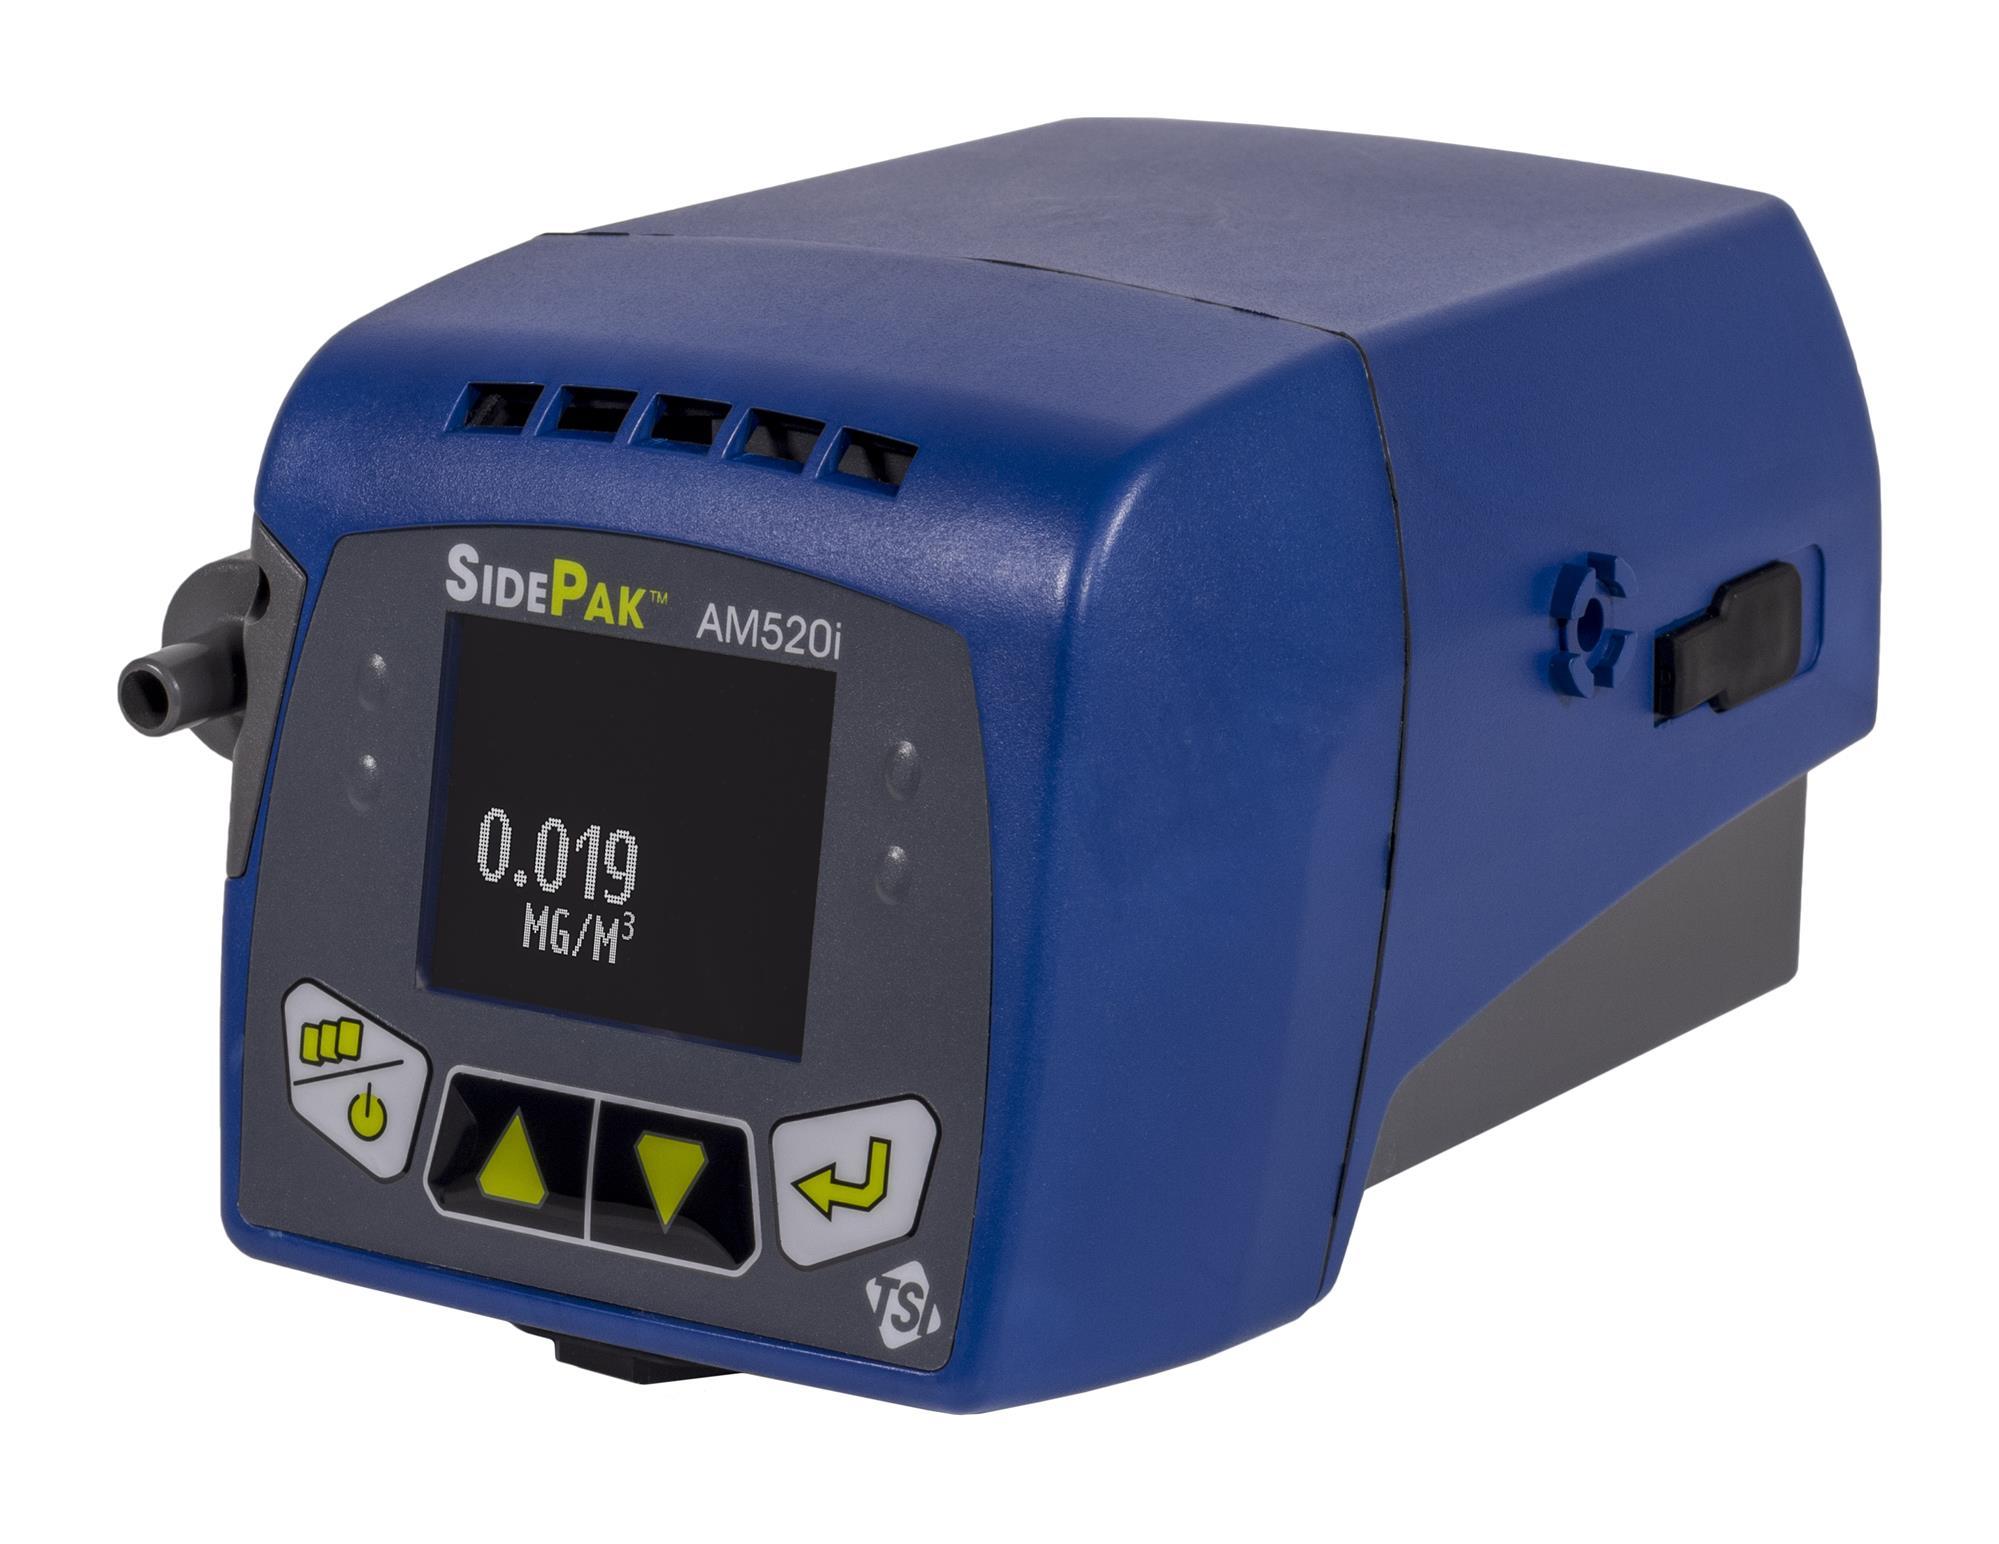 特赛TSI-SIDEPAK AM520i型个体气溶胶监测仪